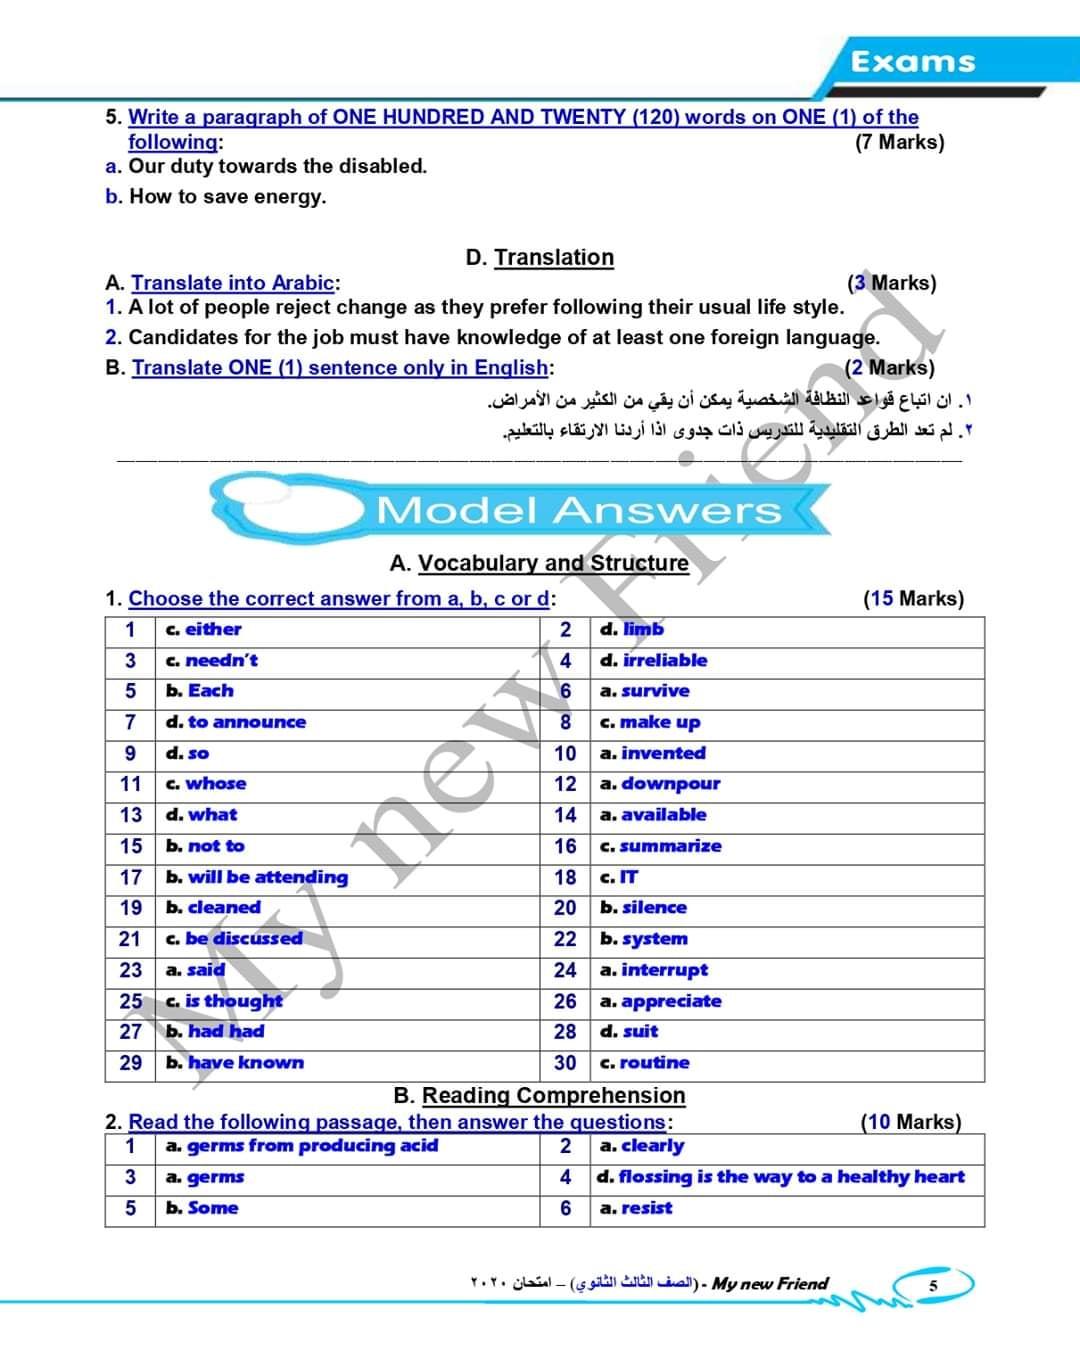 نموذج اجابة امتحان اللغة الانجليزية للثانوية العامة 2020 بتوزيع الدرجات 5